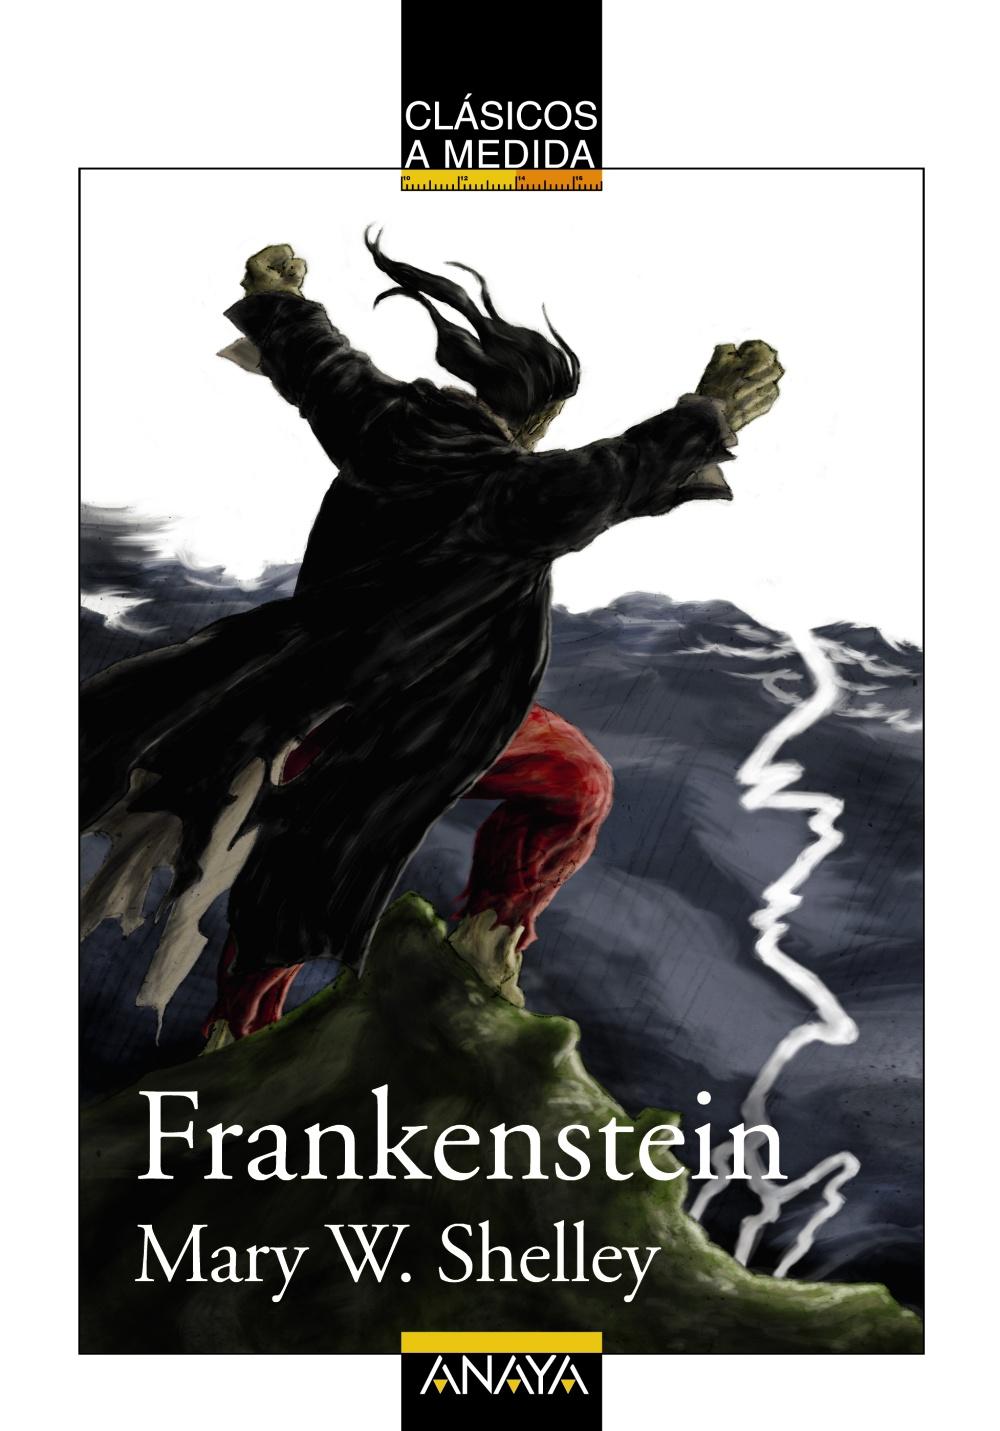 Resultado de imagen de frankenstein mary shelley anaya